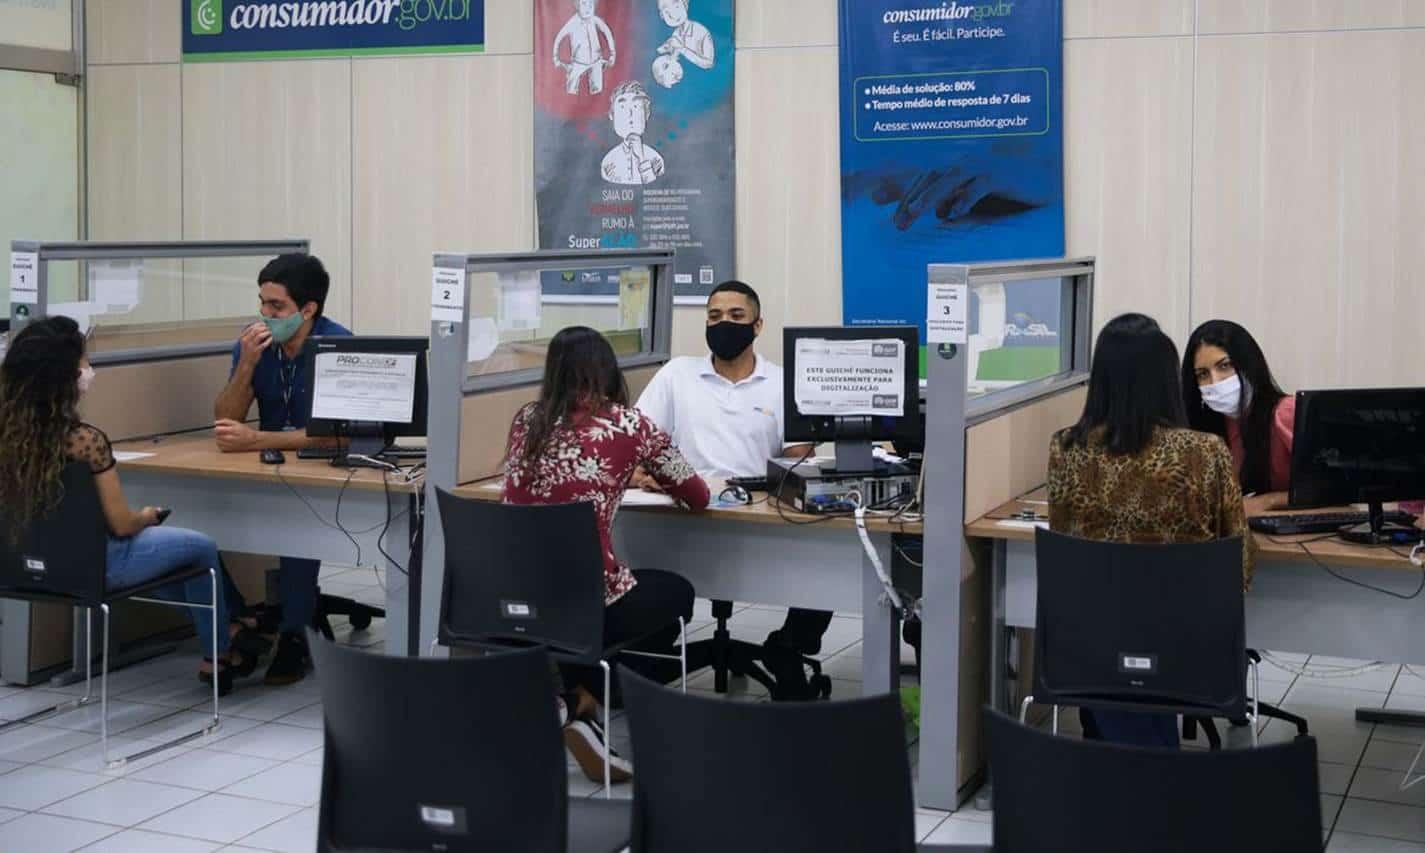 Queixas por compras online crescem durante a pandemia